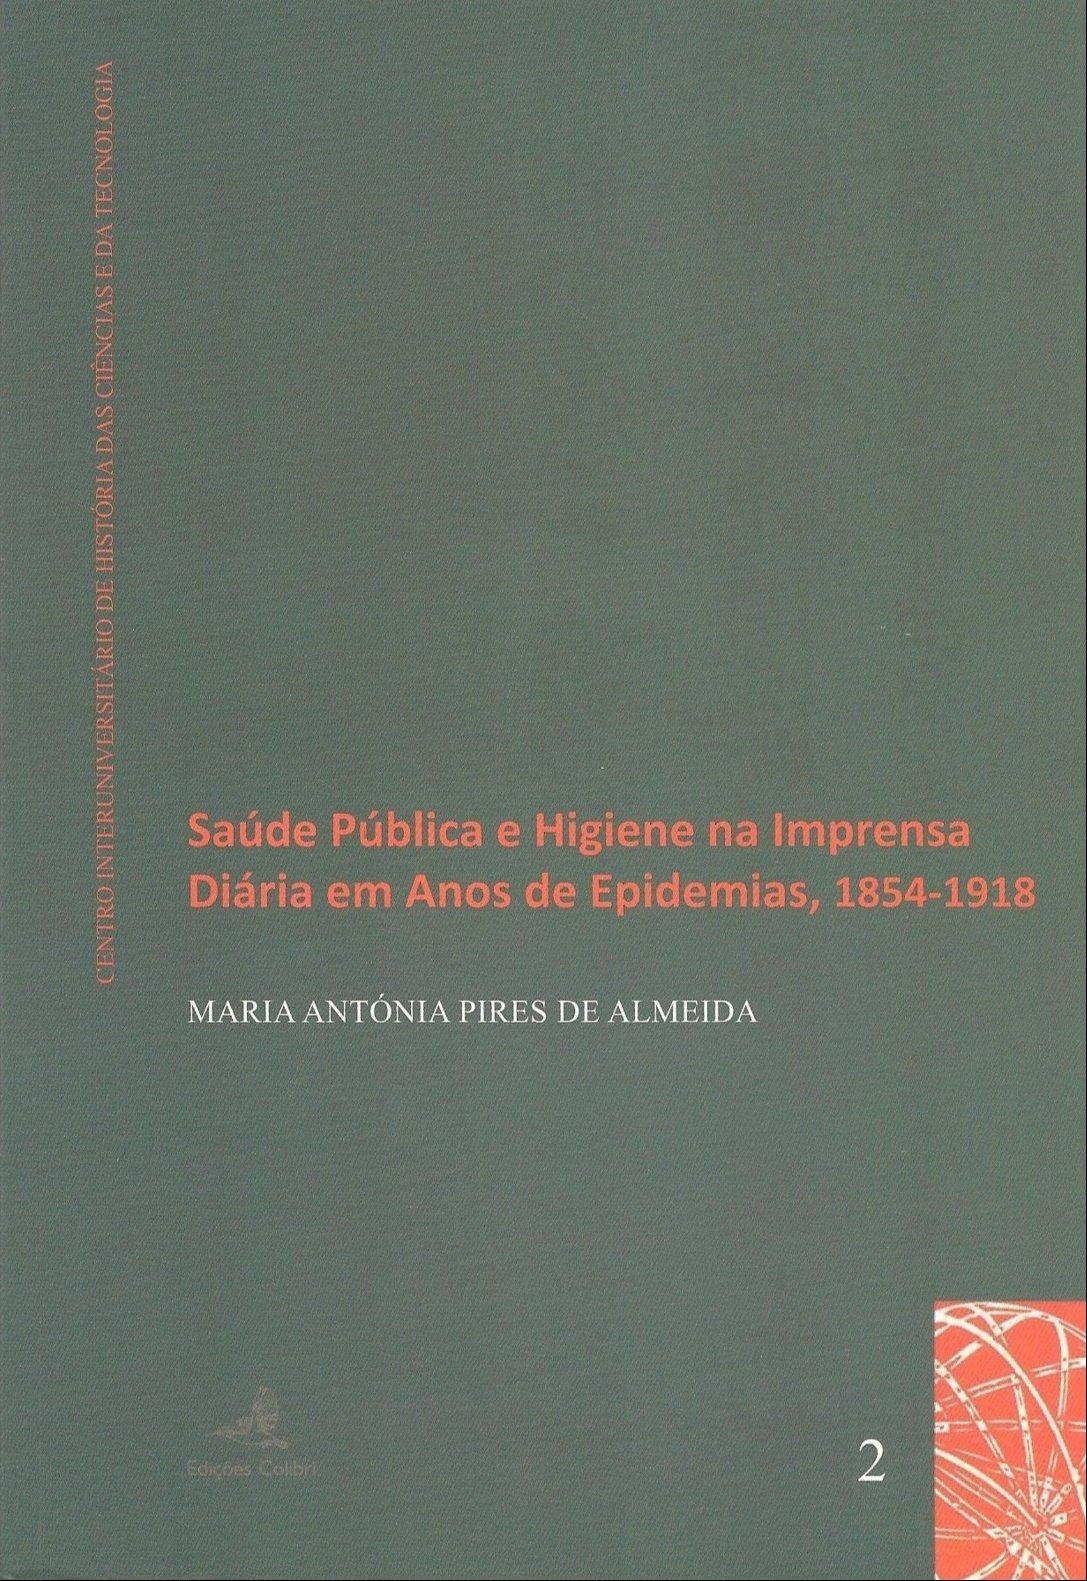 Saúde Pública e Higiene na Imprensa Diária em Anos de Epidemias, 1854-1918, Capa